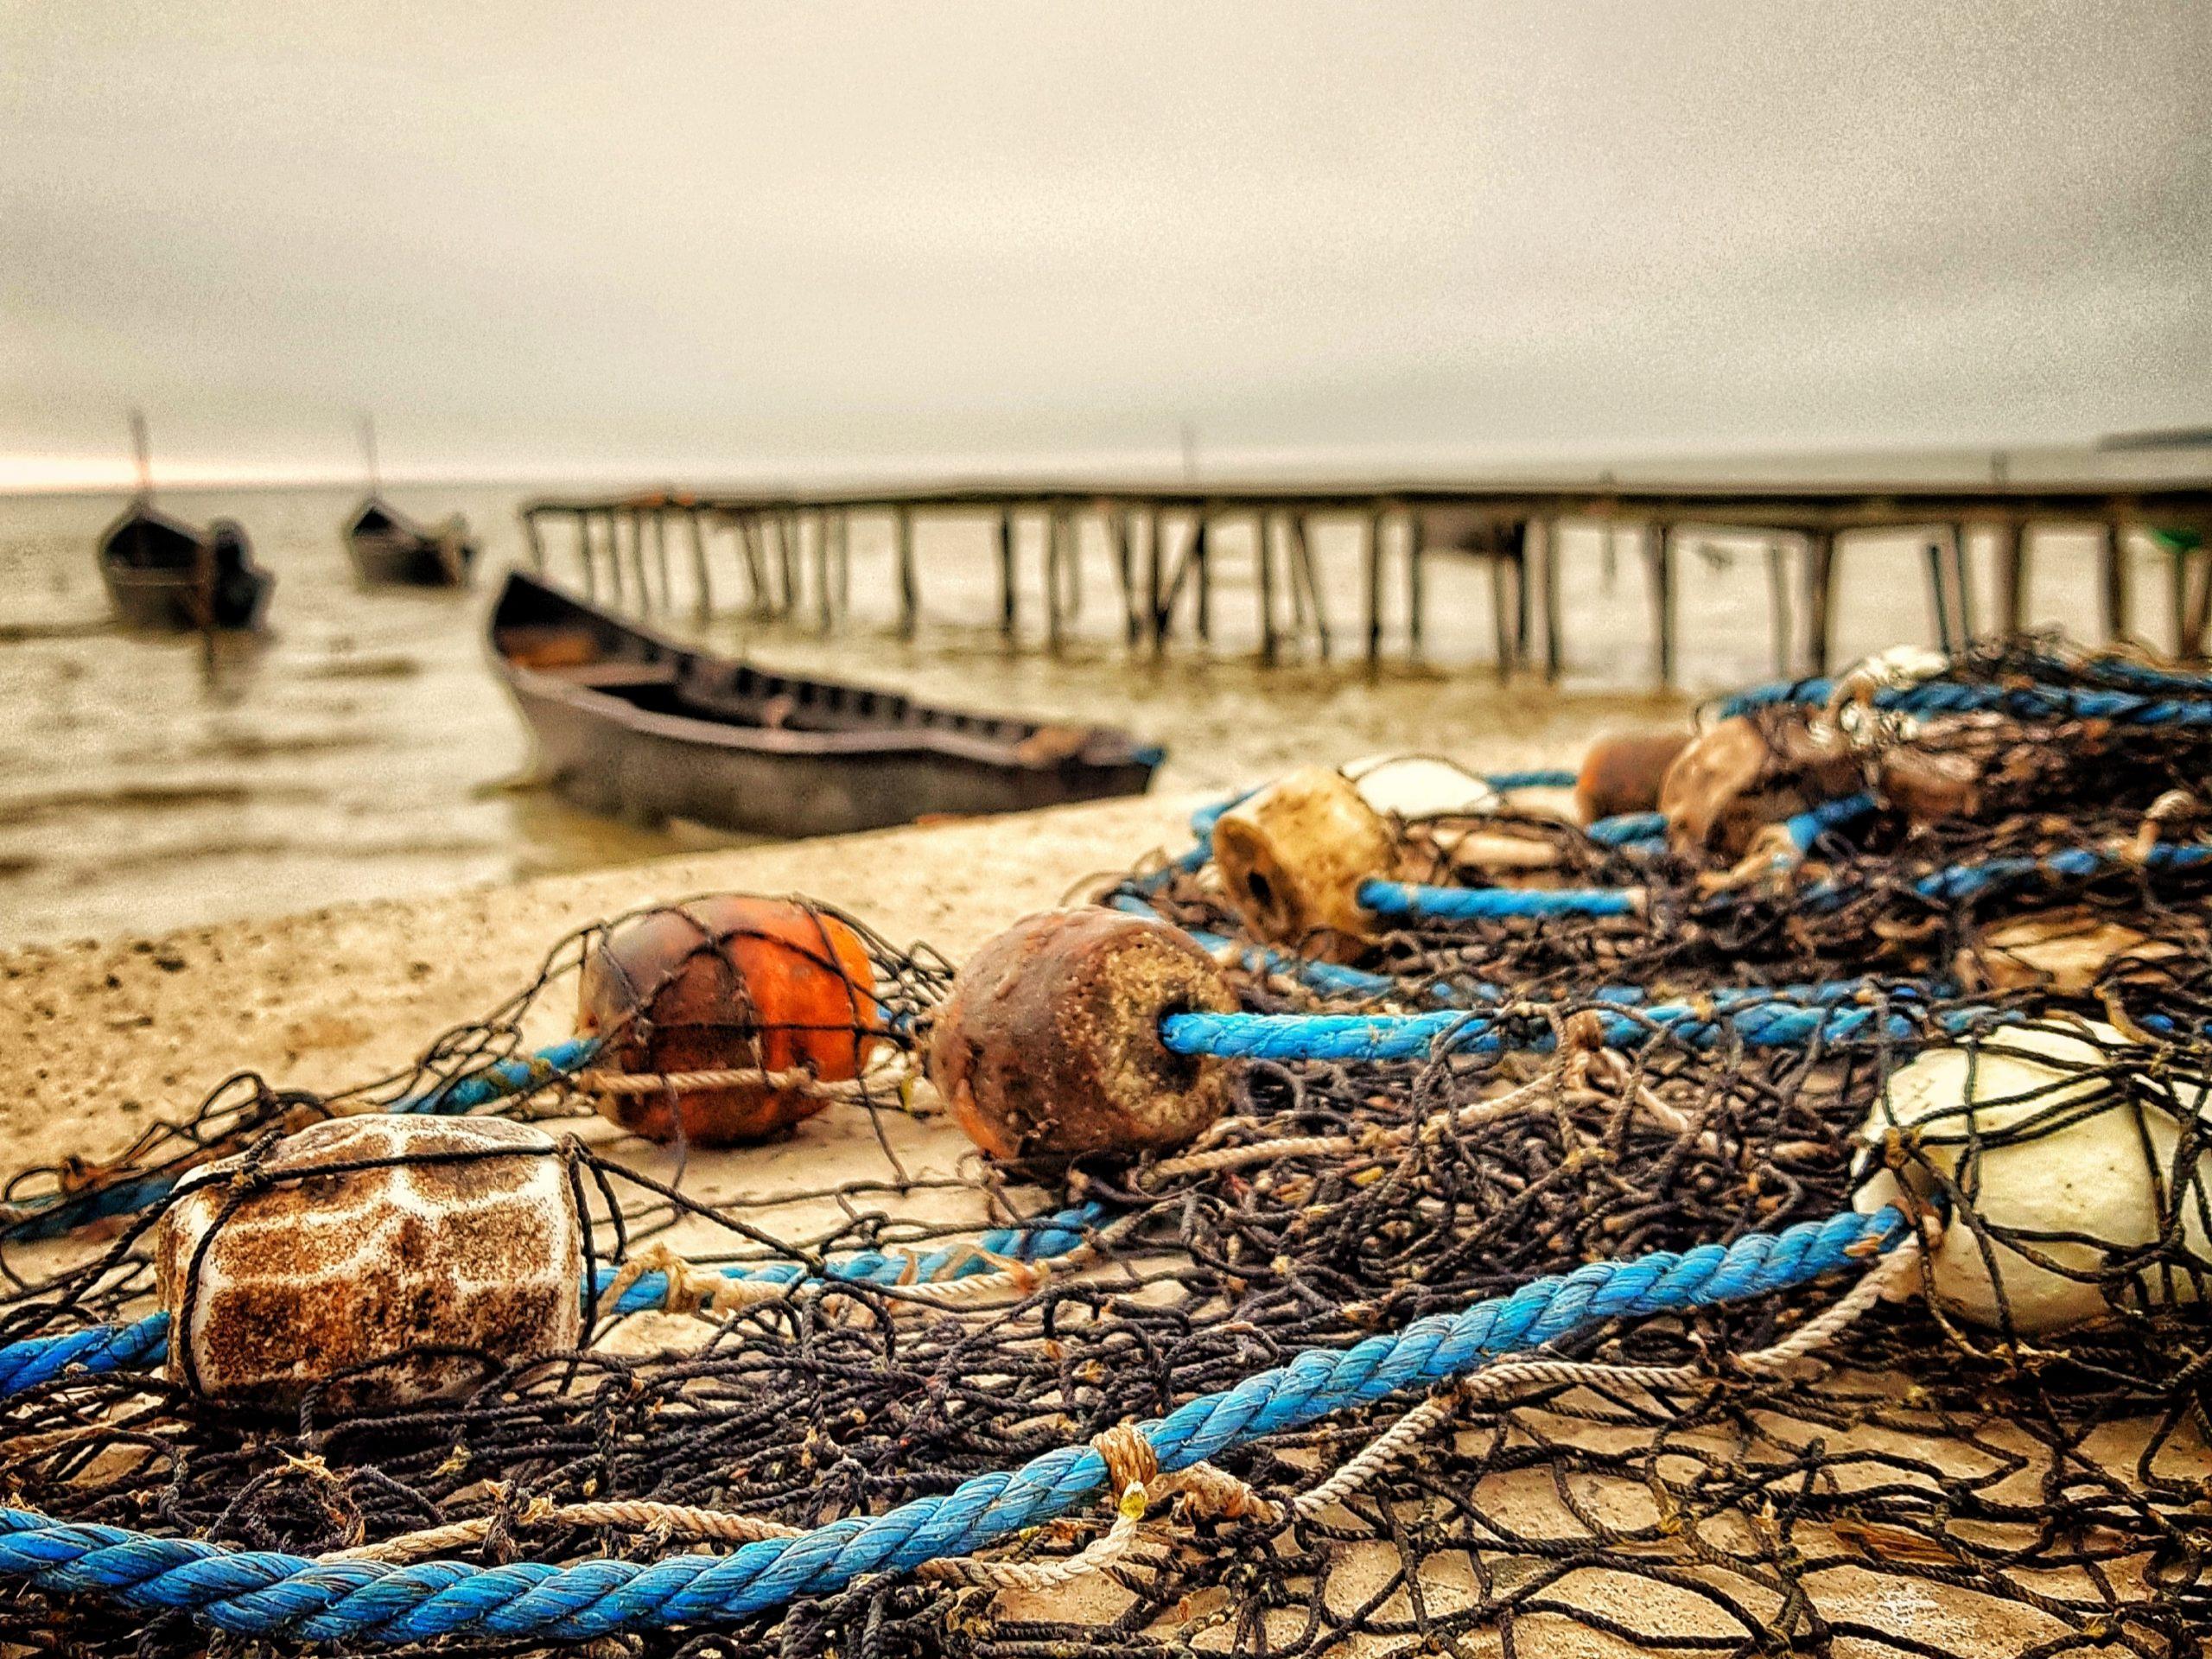 Perioda de prohibiție la pescuit se încheie, valabilitatea actelor este prelungită